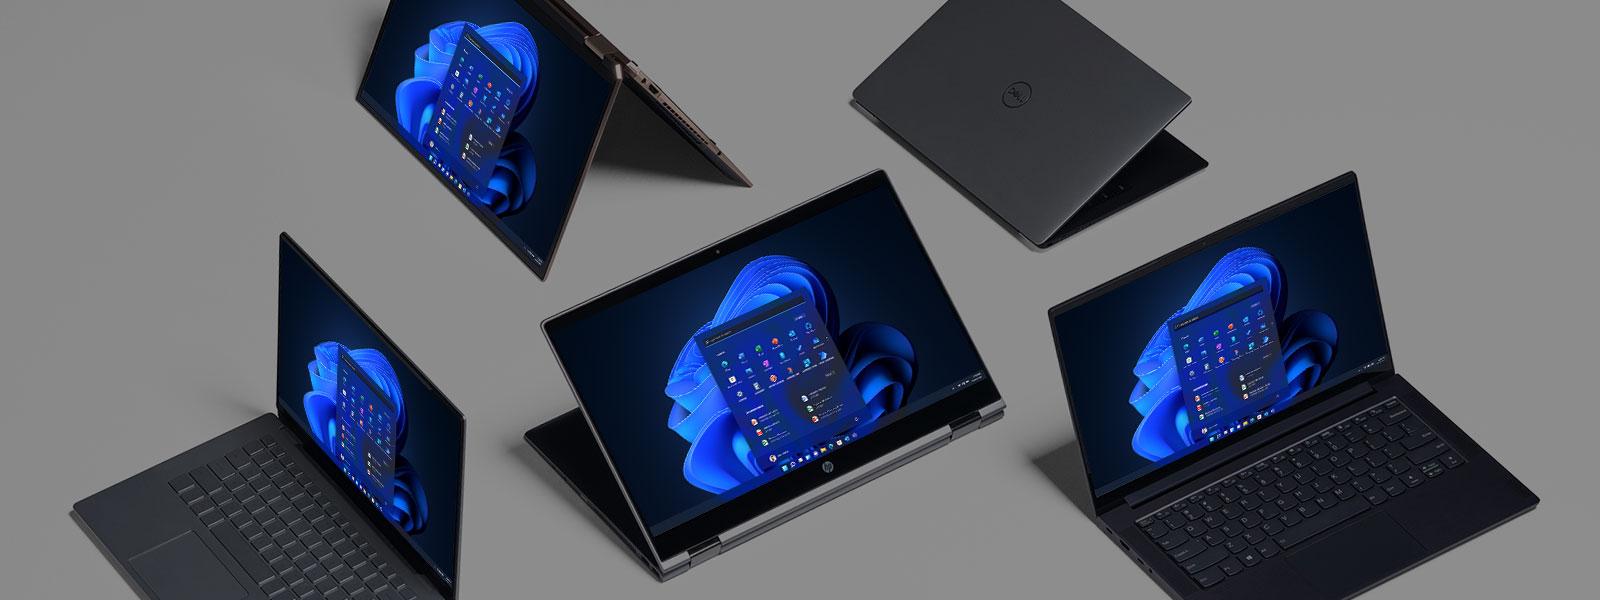 Række af 5 Windows 11-computere